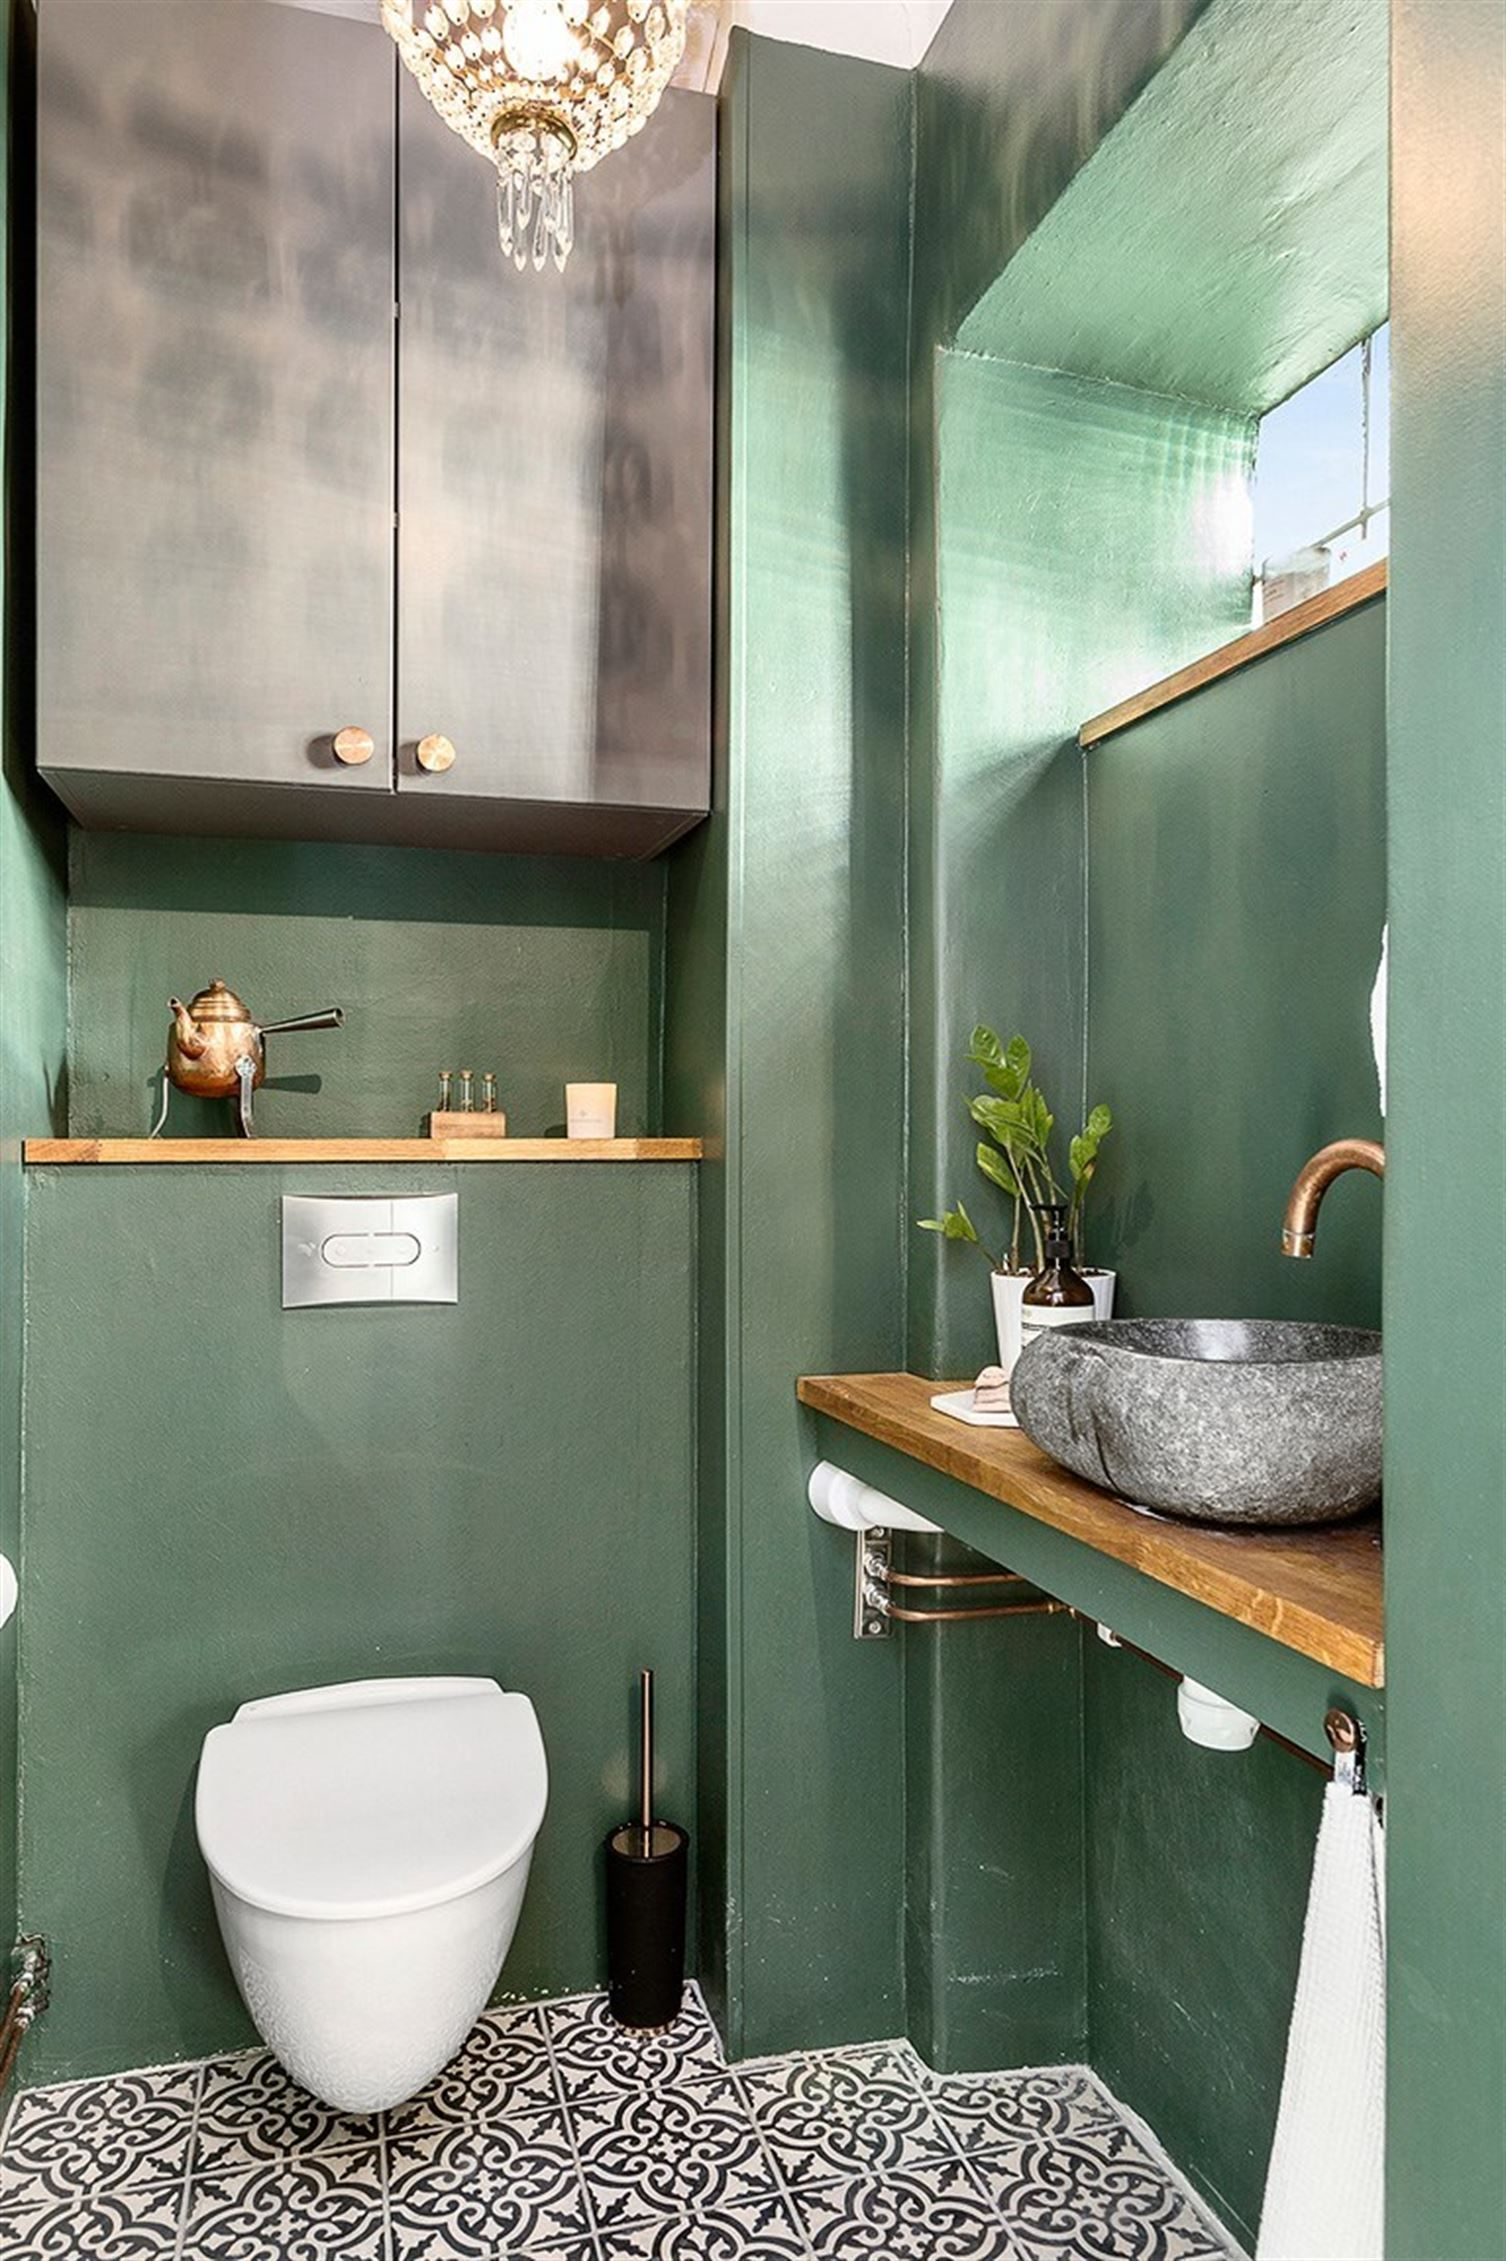 Epingle Sur Toilettes